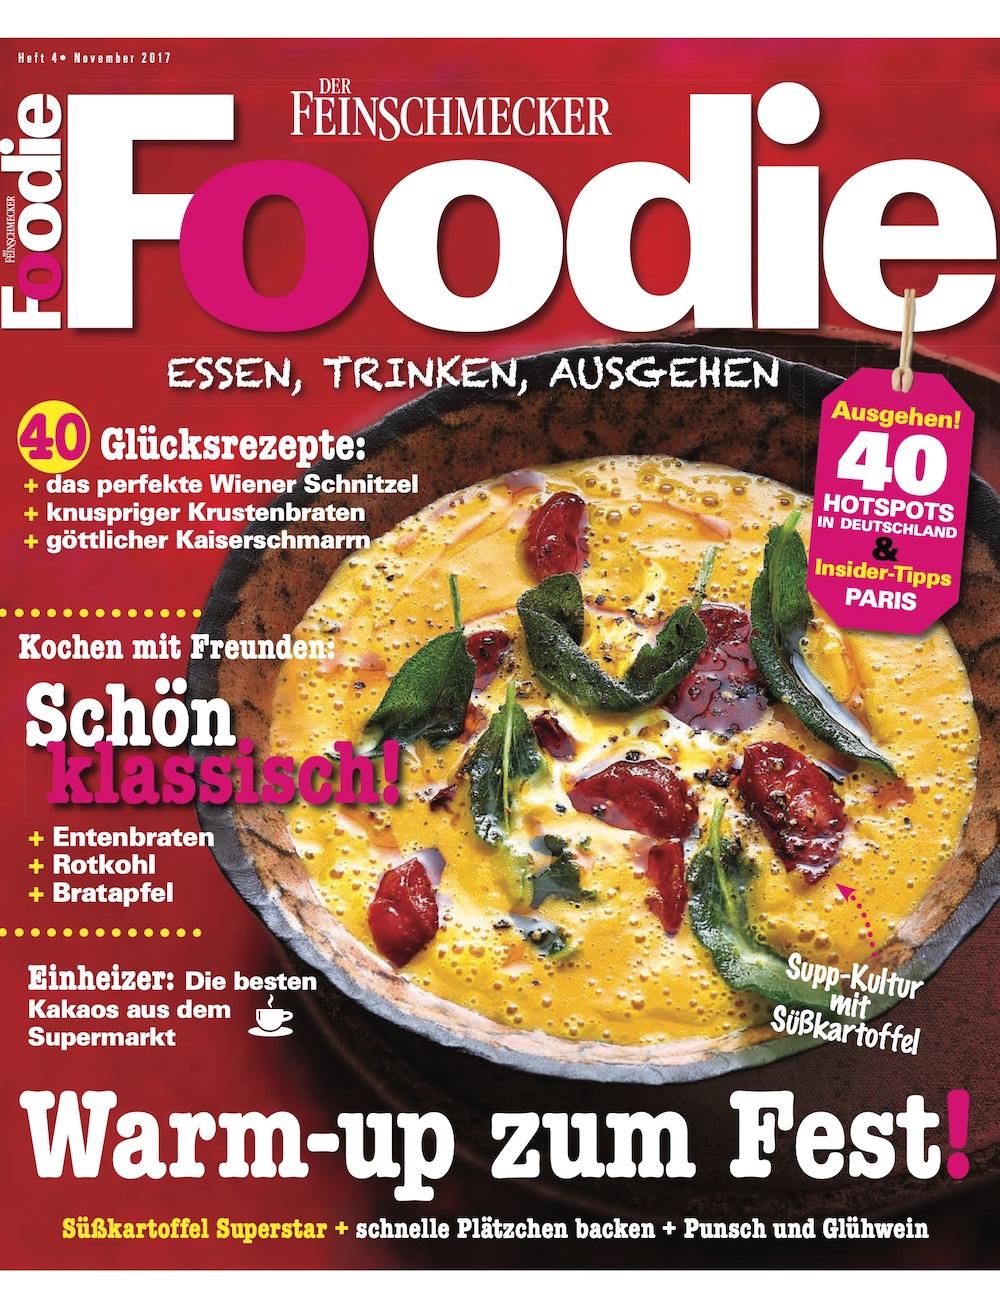 Der Feinschmecker-Foodie 2017-04